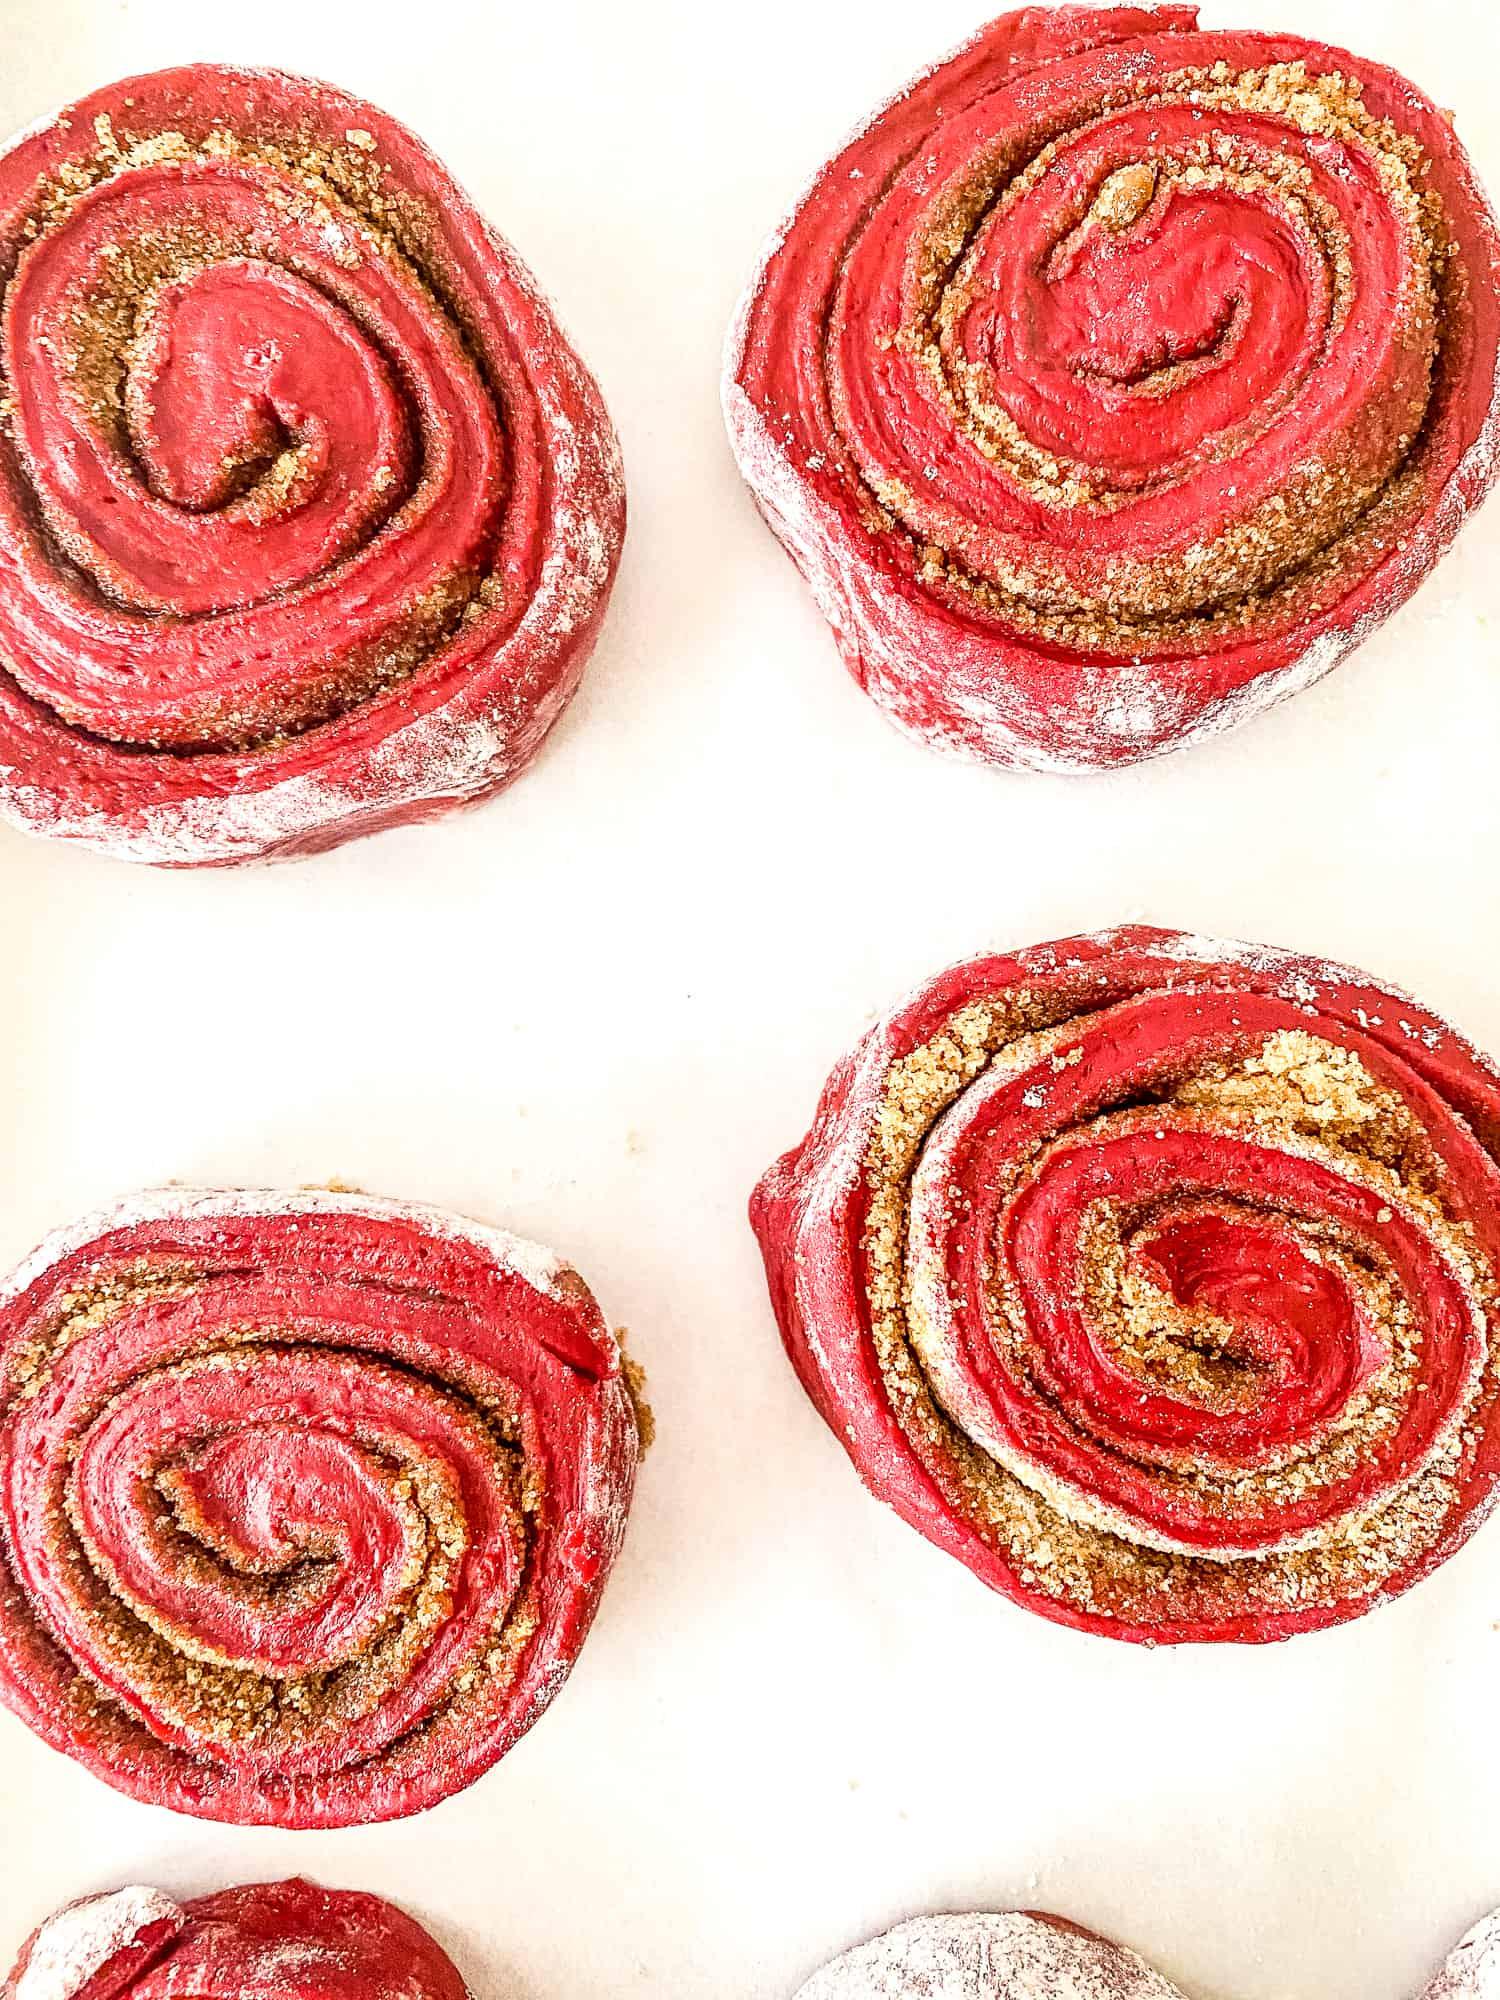 Fresh baked red velvet cinnamon rolls.